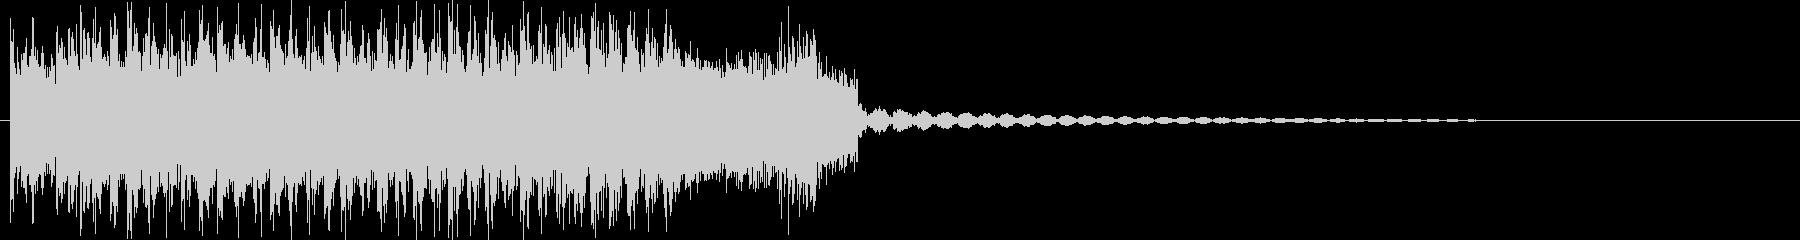 ヘヴィメタルなアイキャッチの未再生の波形